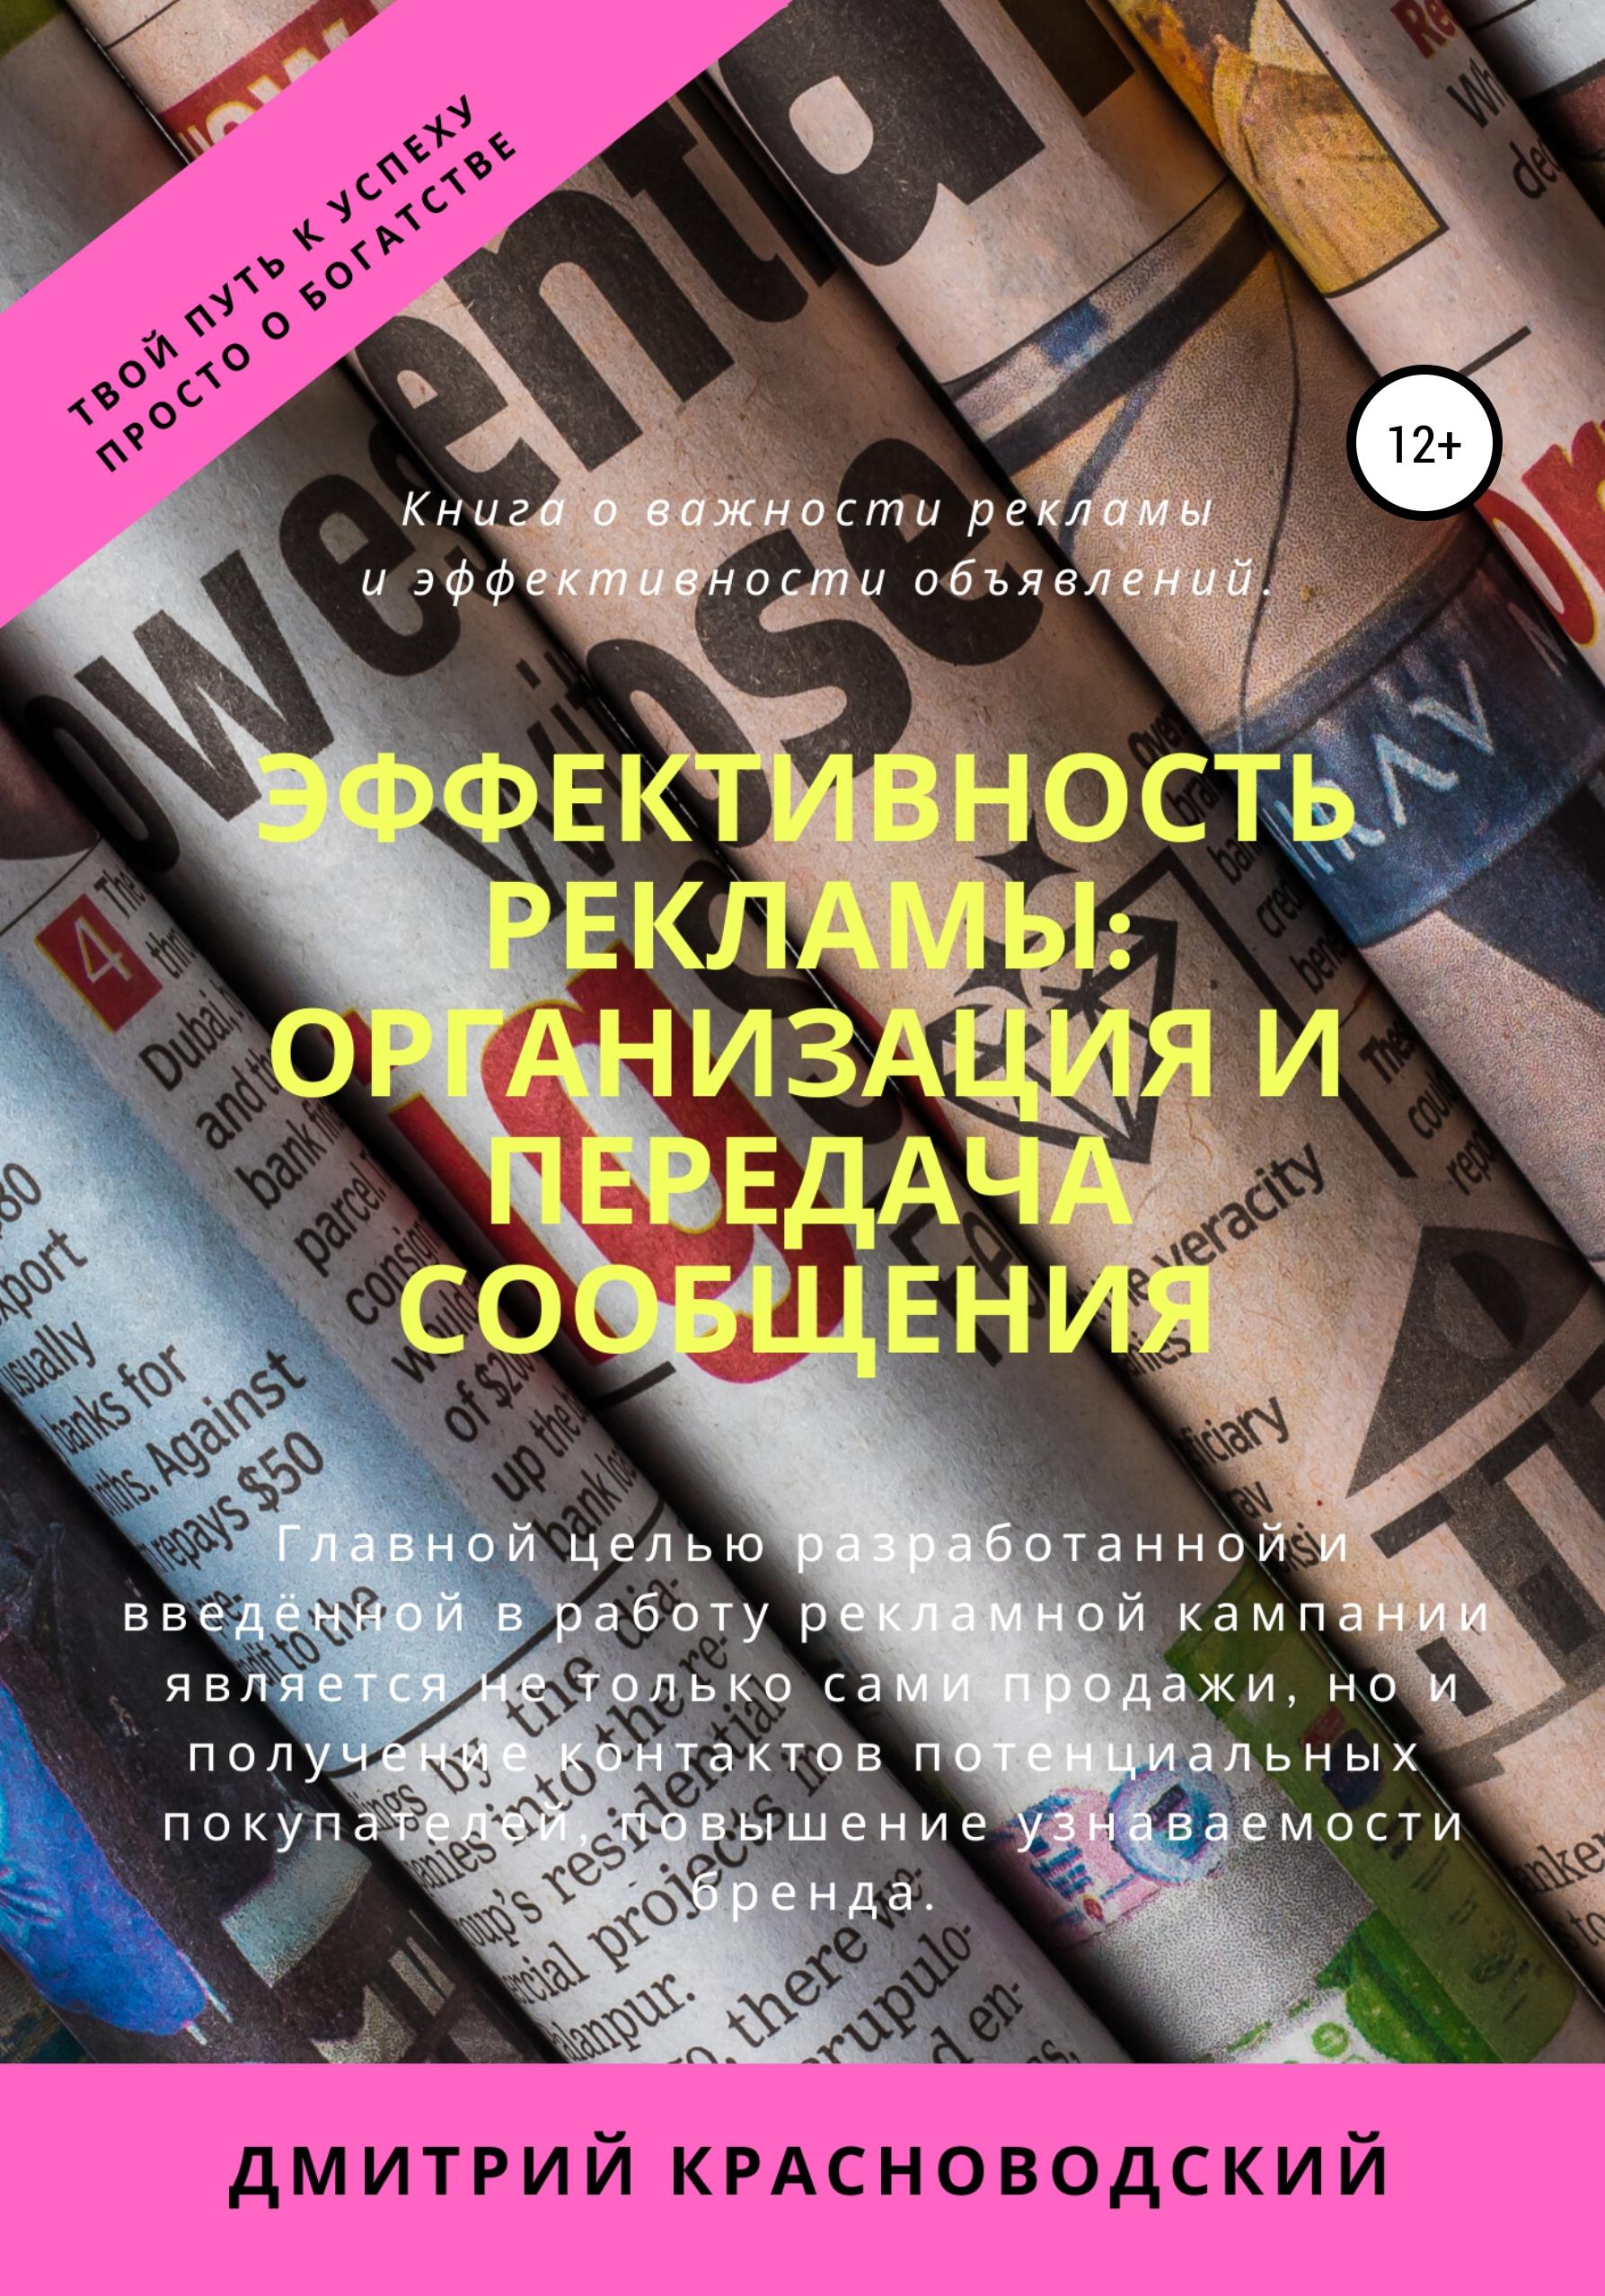 Дмитрий Сергеевич Красноводский Эффективность рекламы: организация и передача сообщения